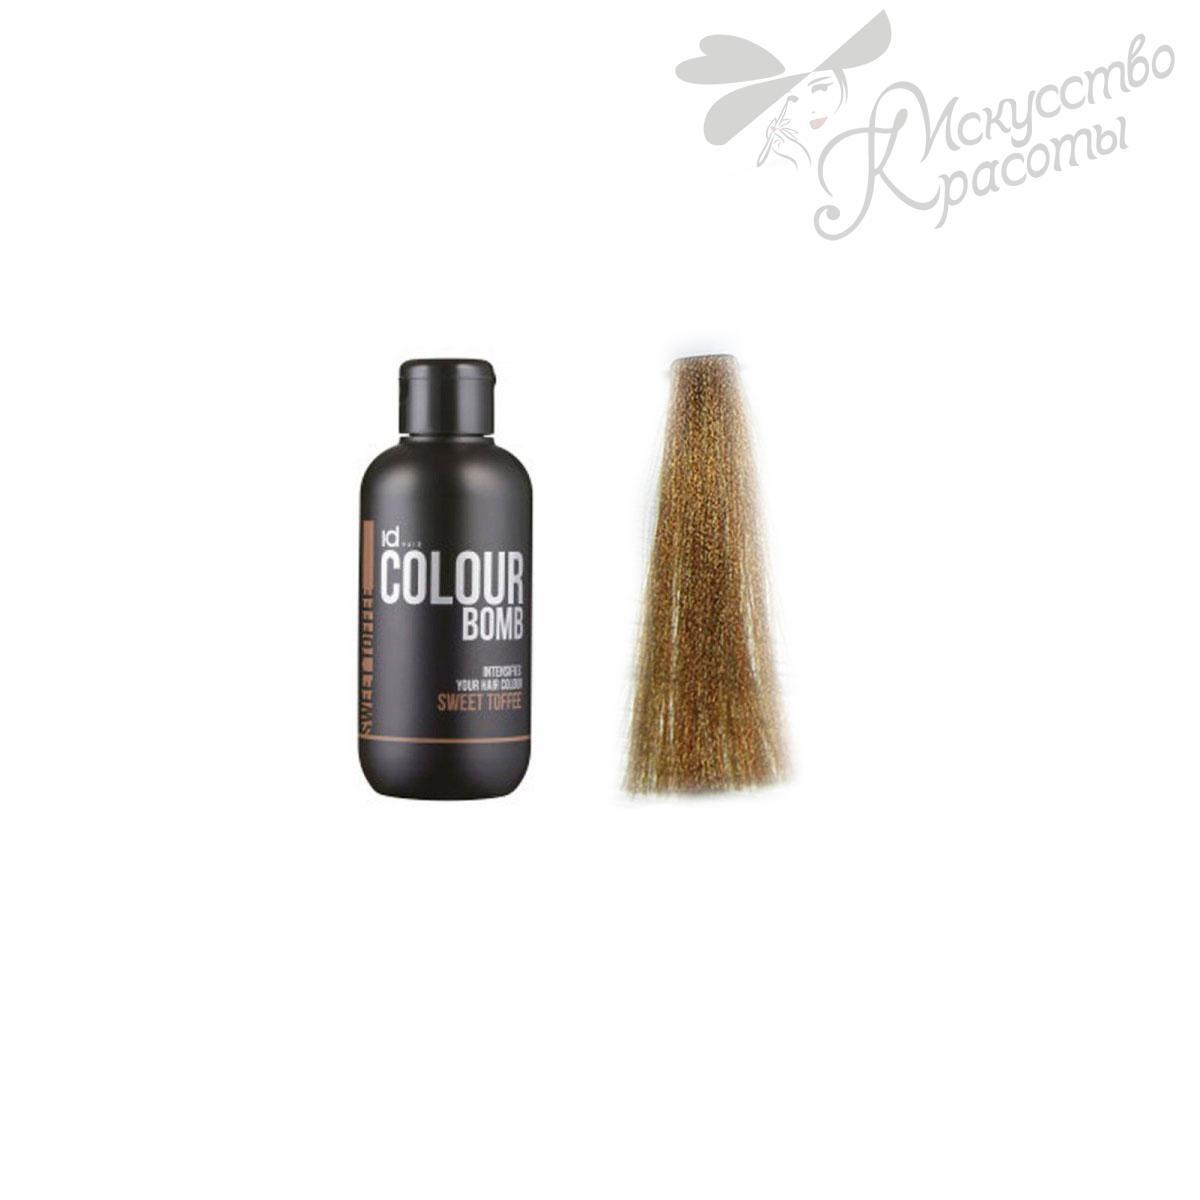 Оттеночный бальзам Colour Bomb ID Hair sweet toffee 250 мл